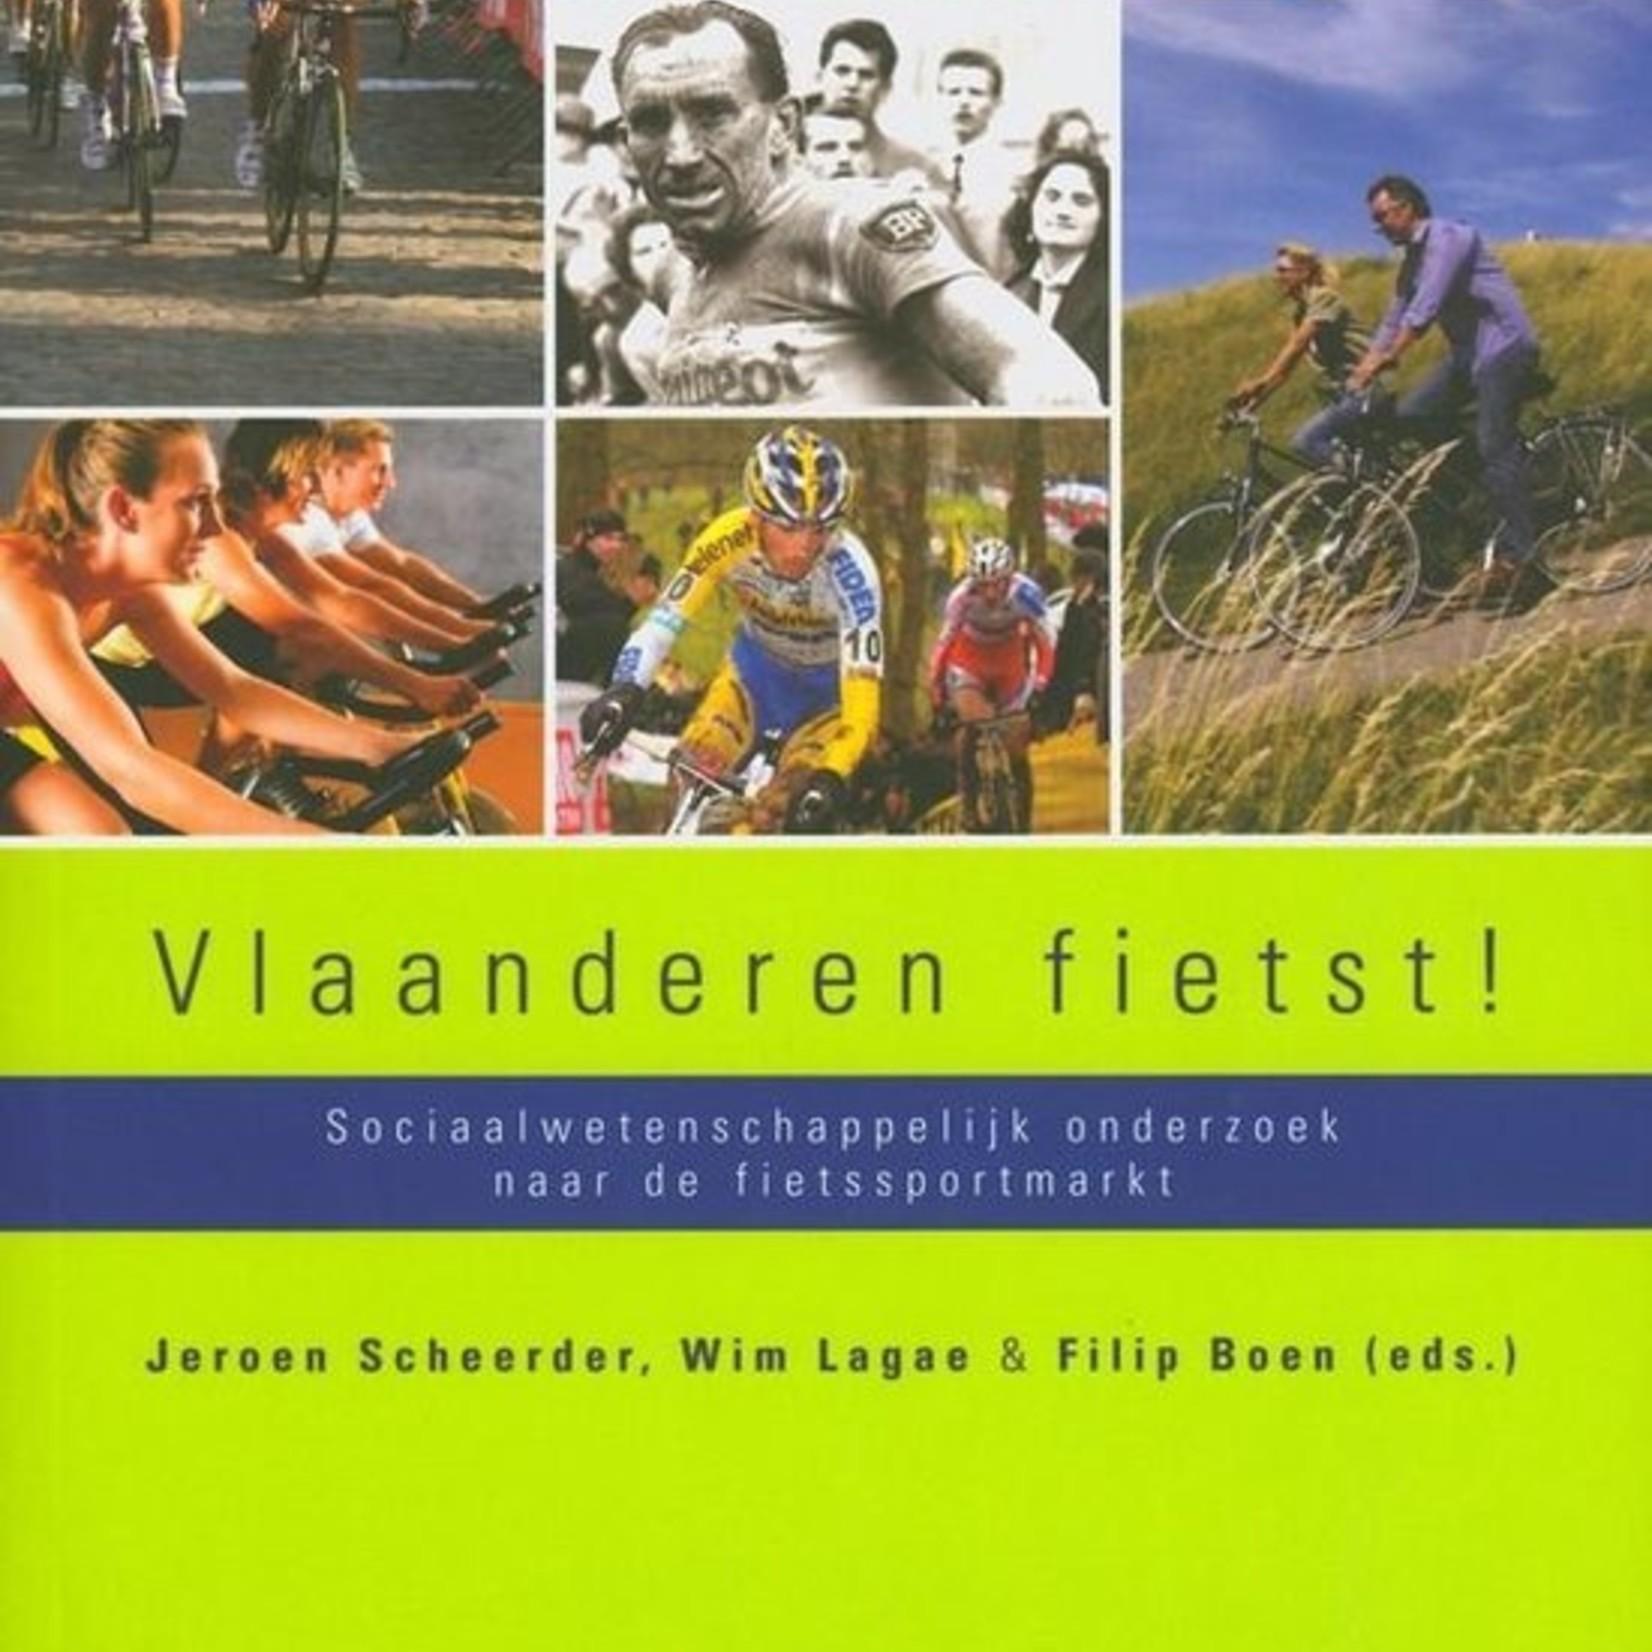 Book 'Vlaanderen fietst!'